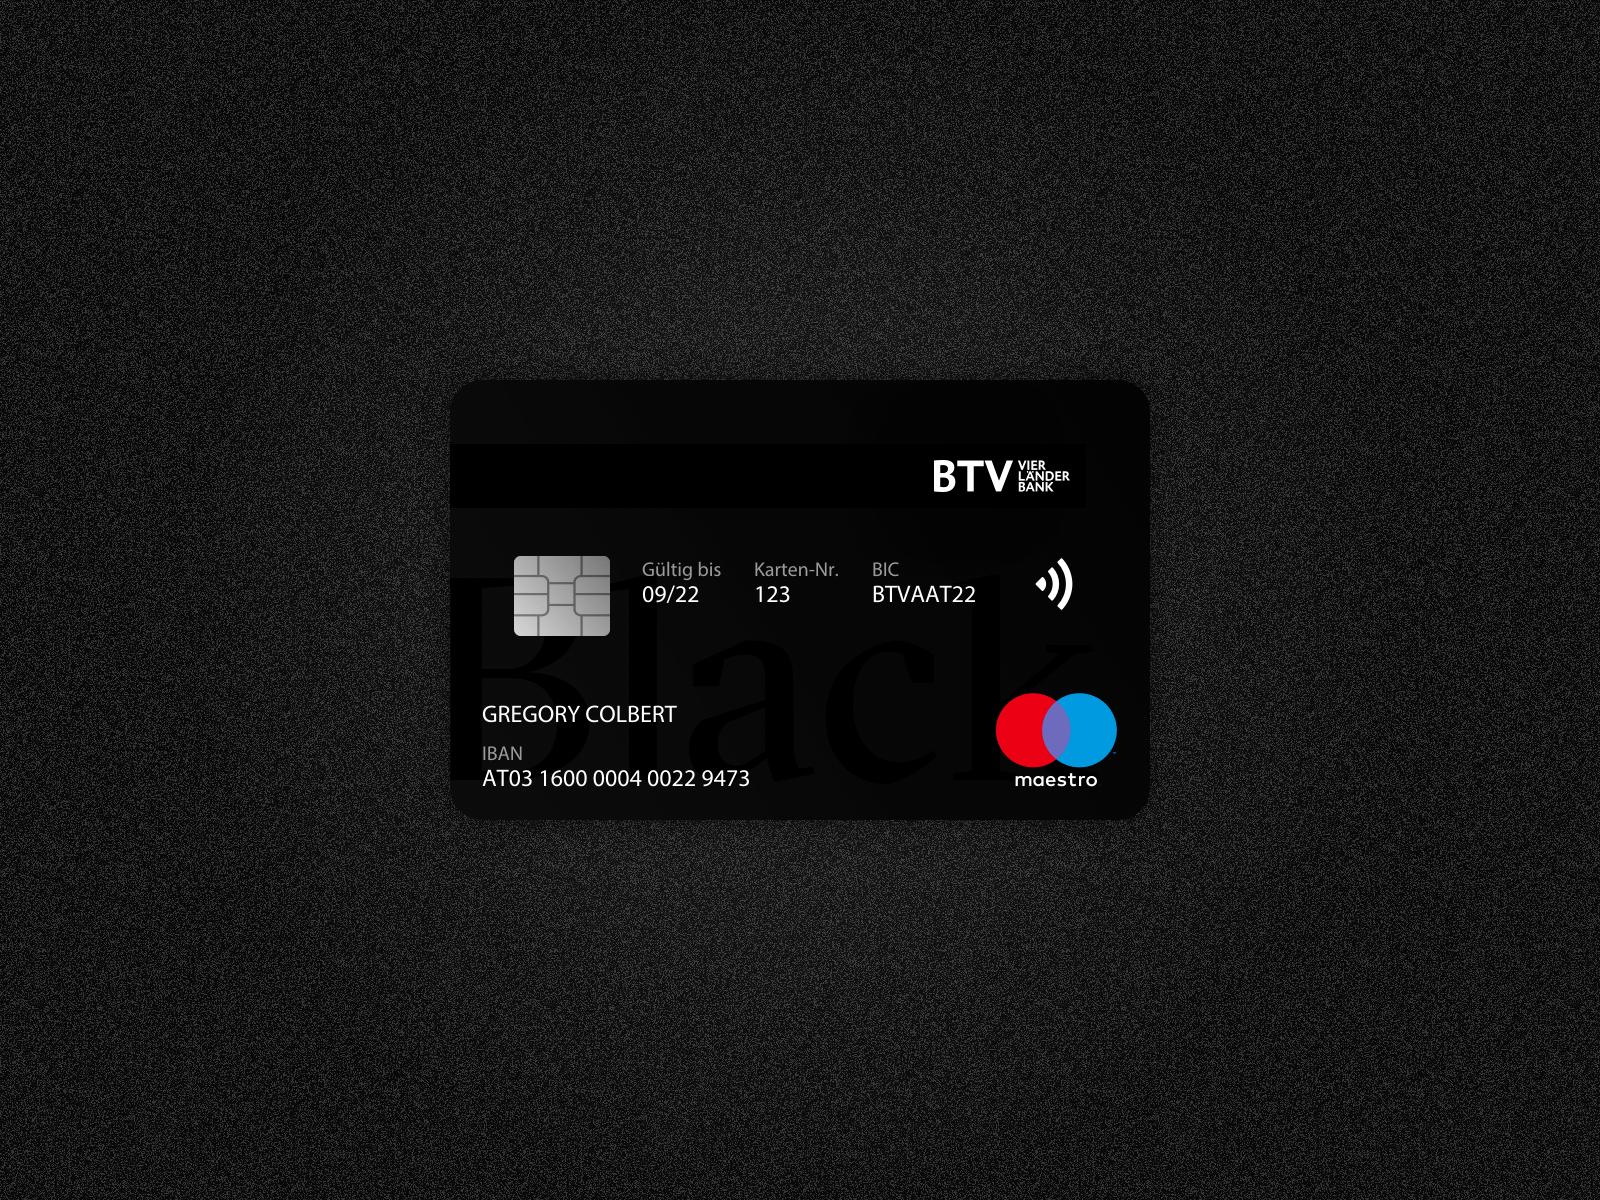 Debit Card Free Sketch Download By Julian Moosbrugger On Dribbble